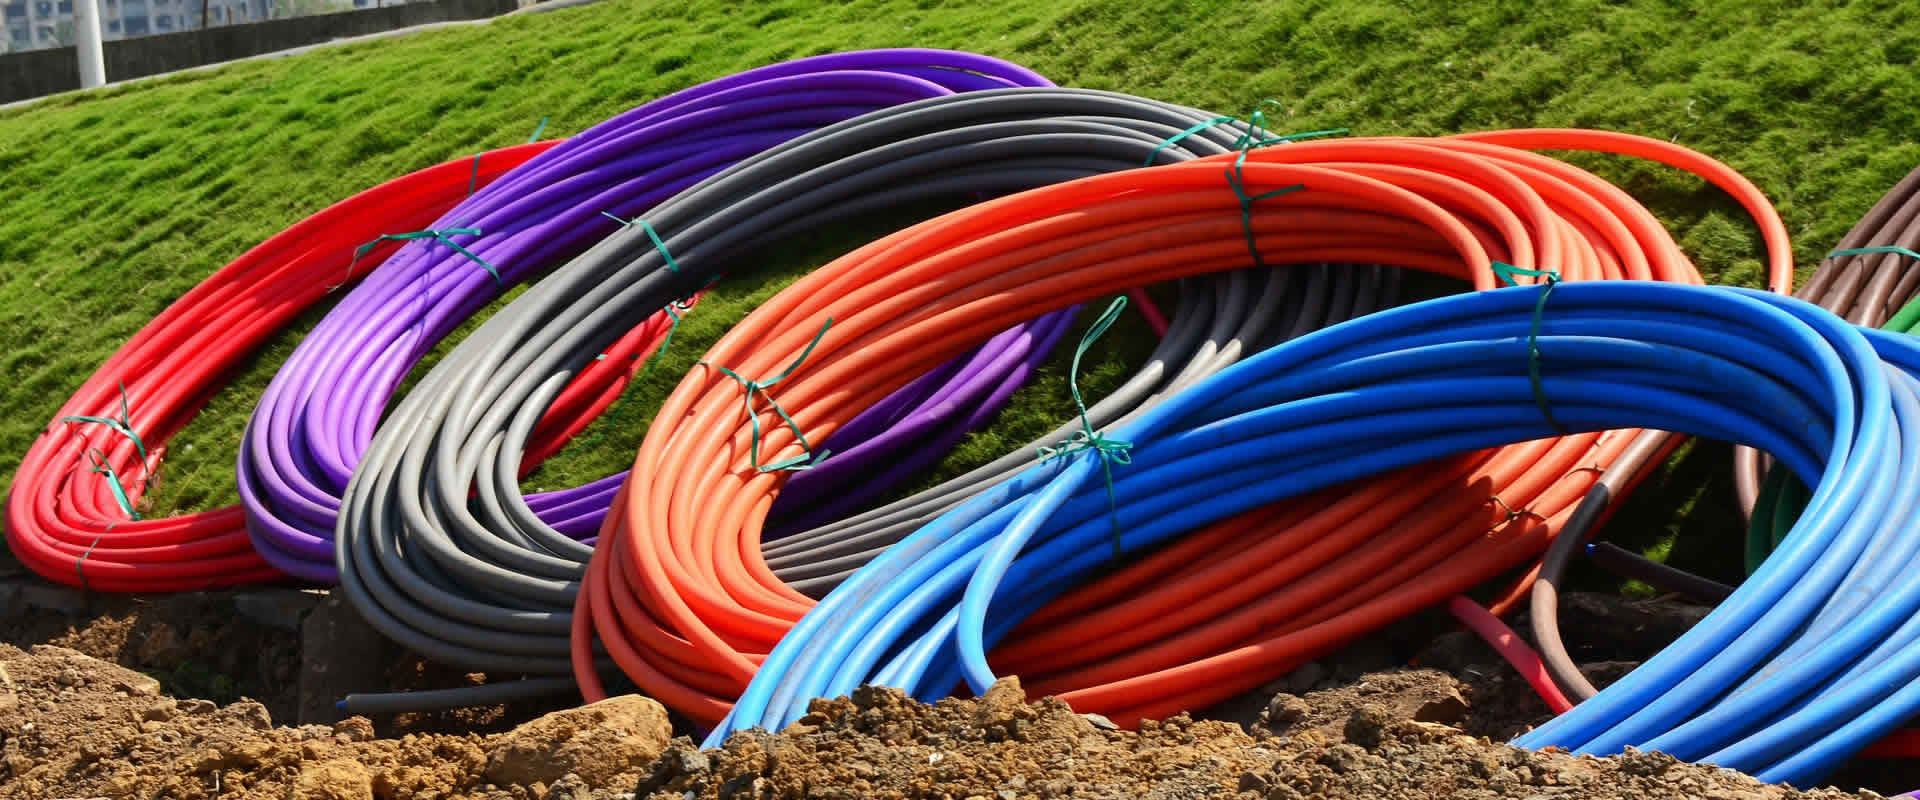 Gaines pour cablage telecom